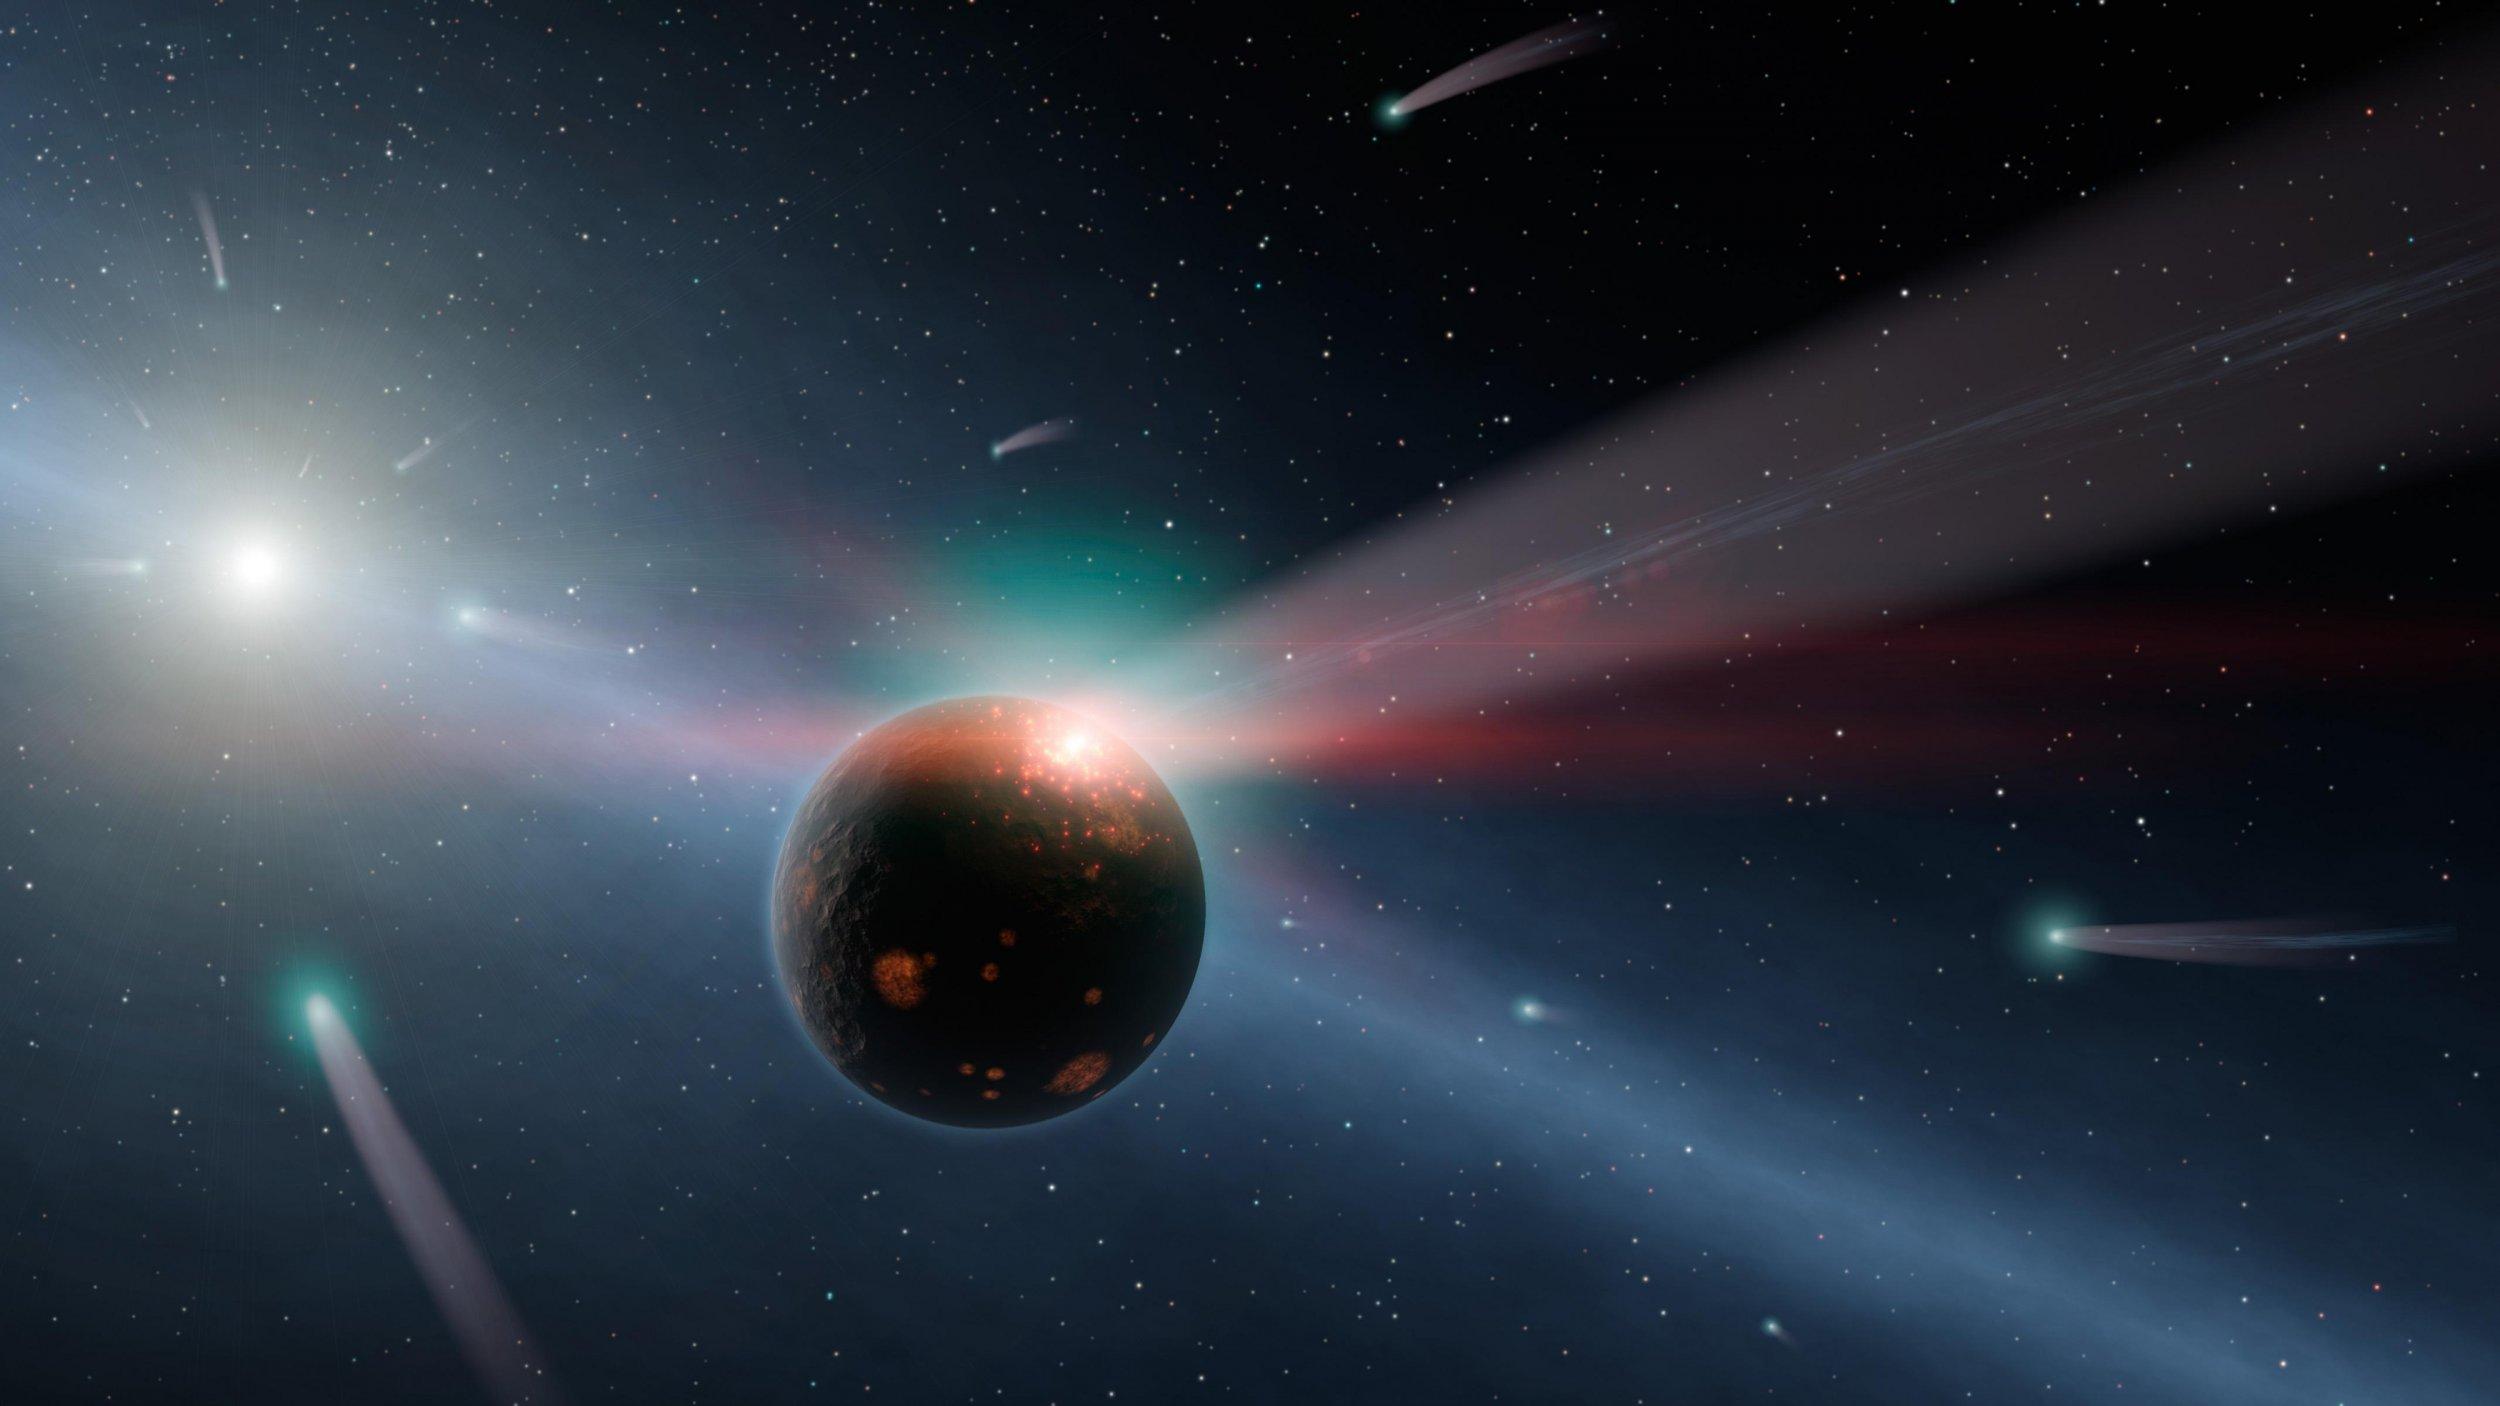 09_10_15_NASA_Comet